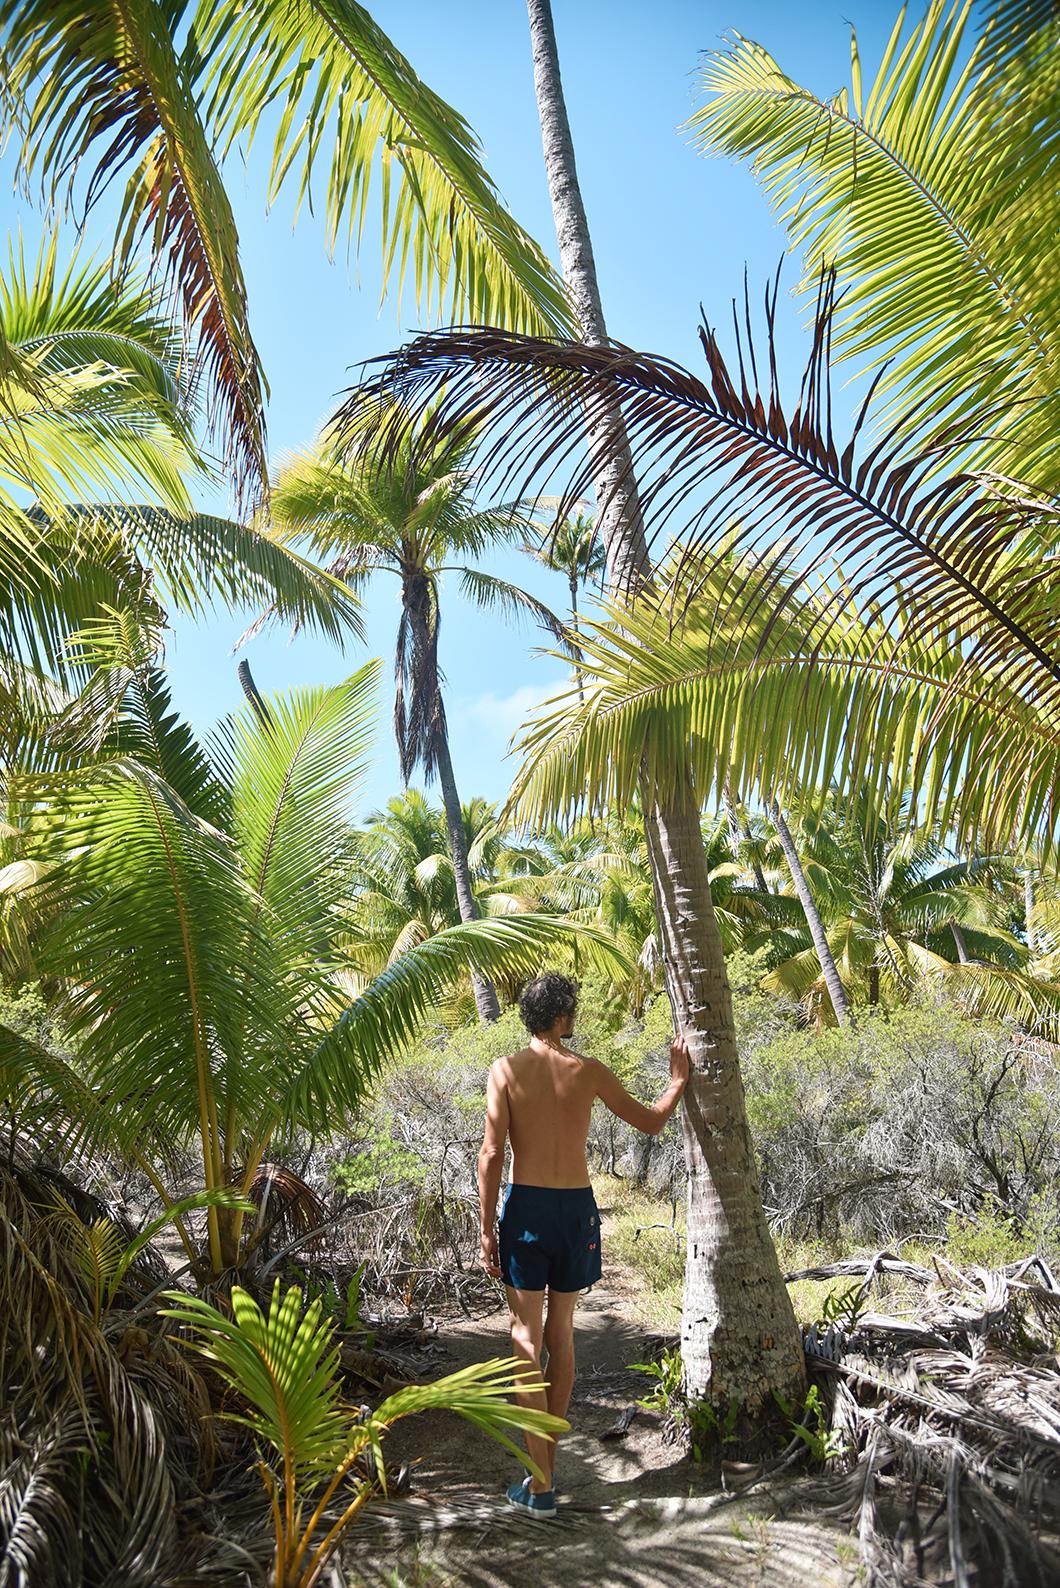 Les palmiers de Tetiaroa